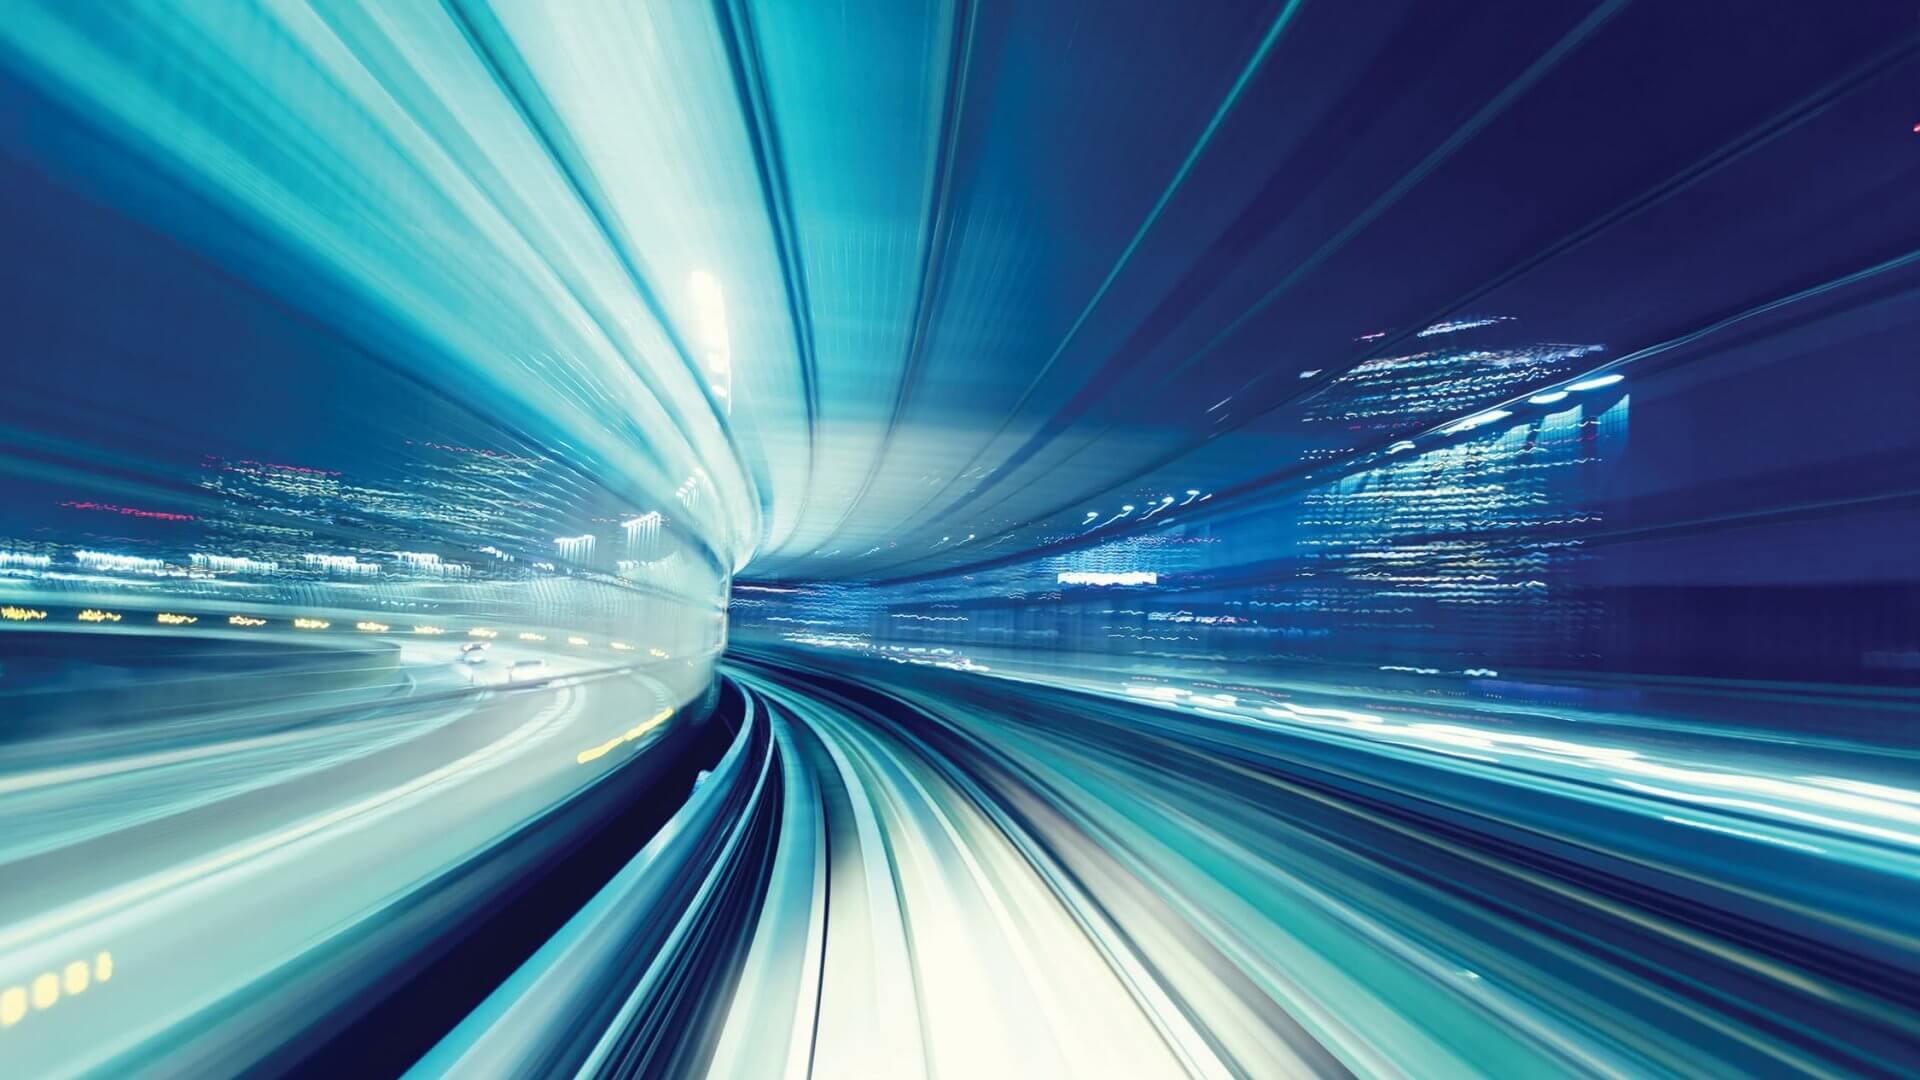 4大阶段,3大演变,助您深度了解行业最热话题:LXP(学习体验平台) 1